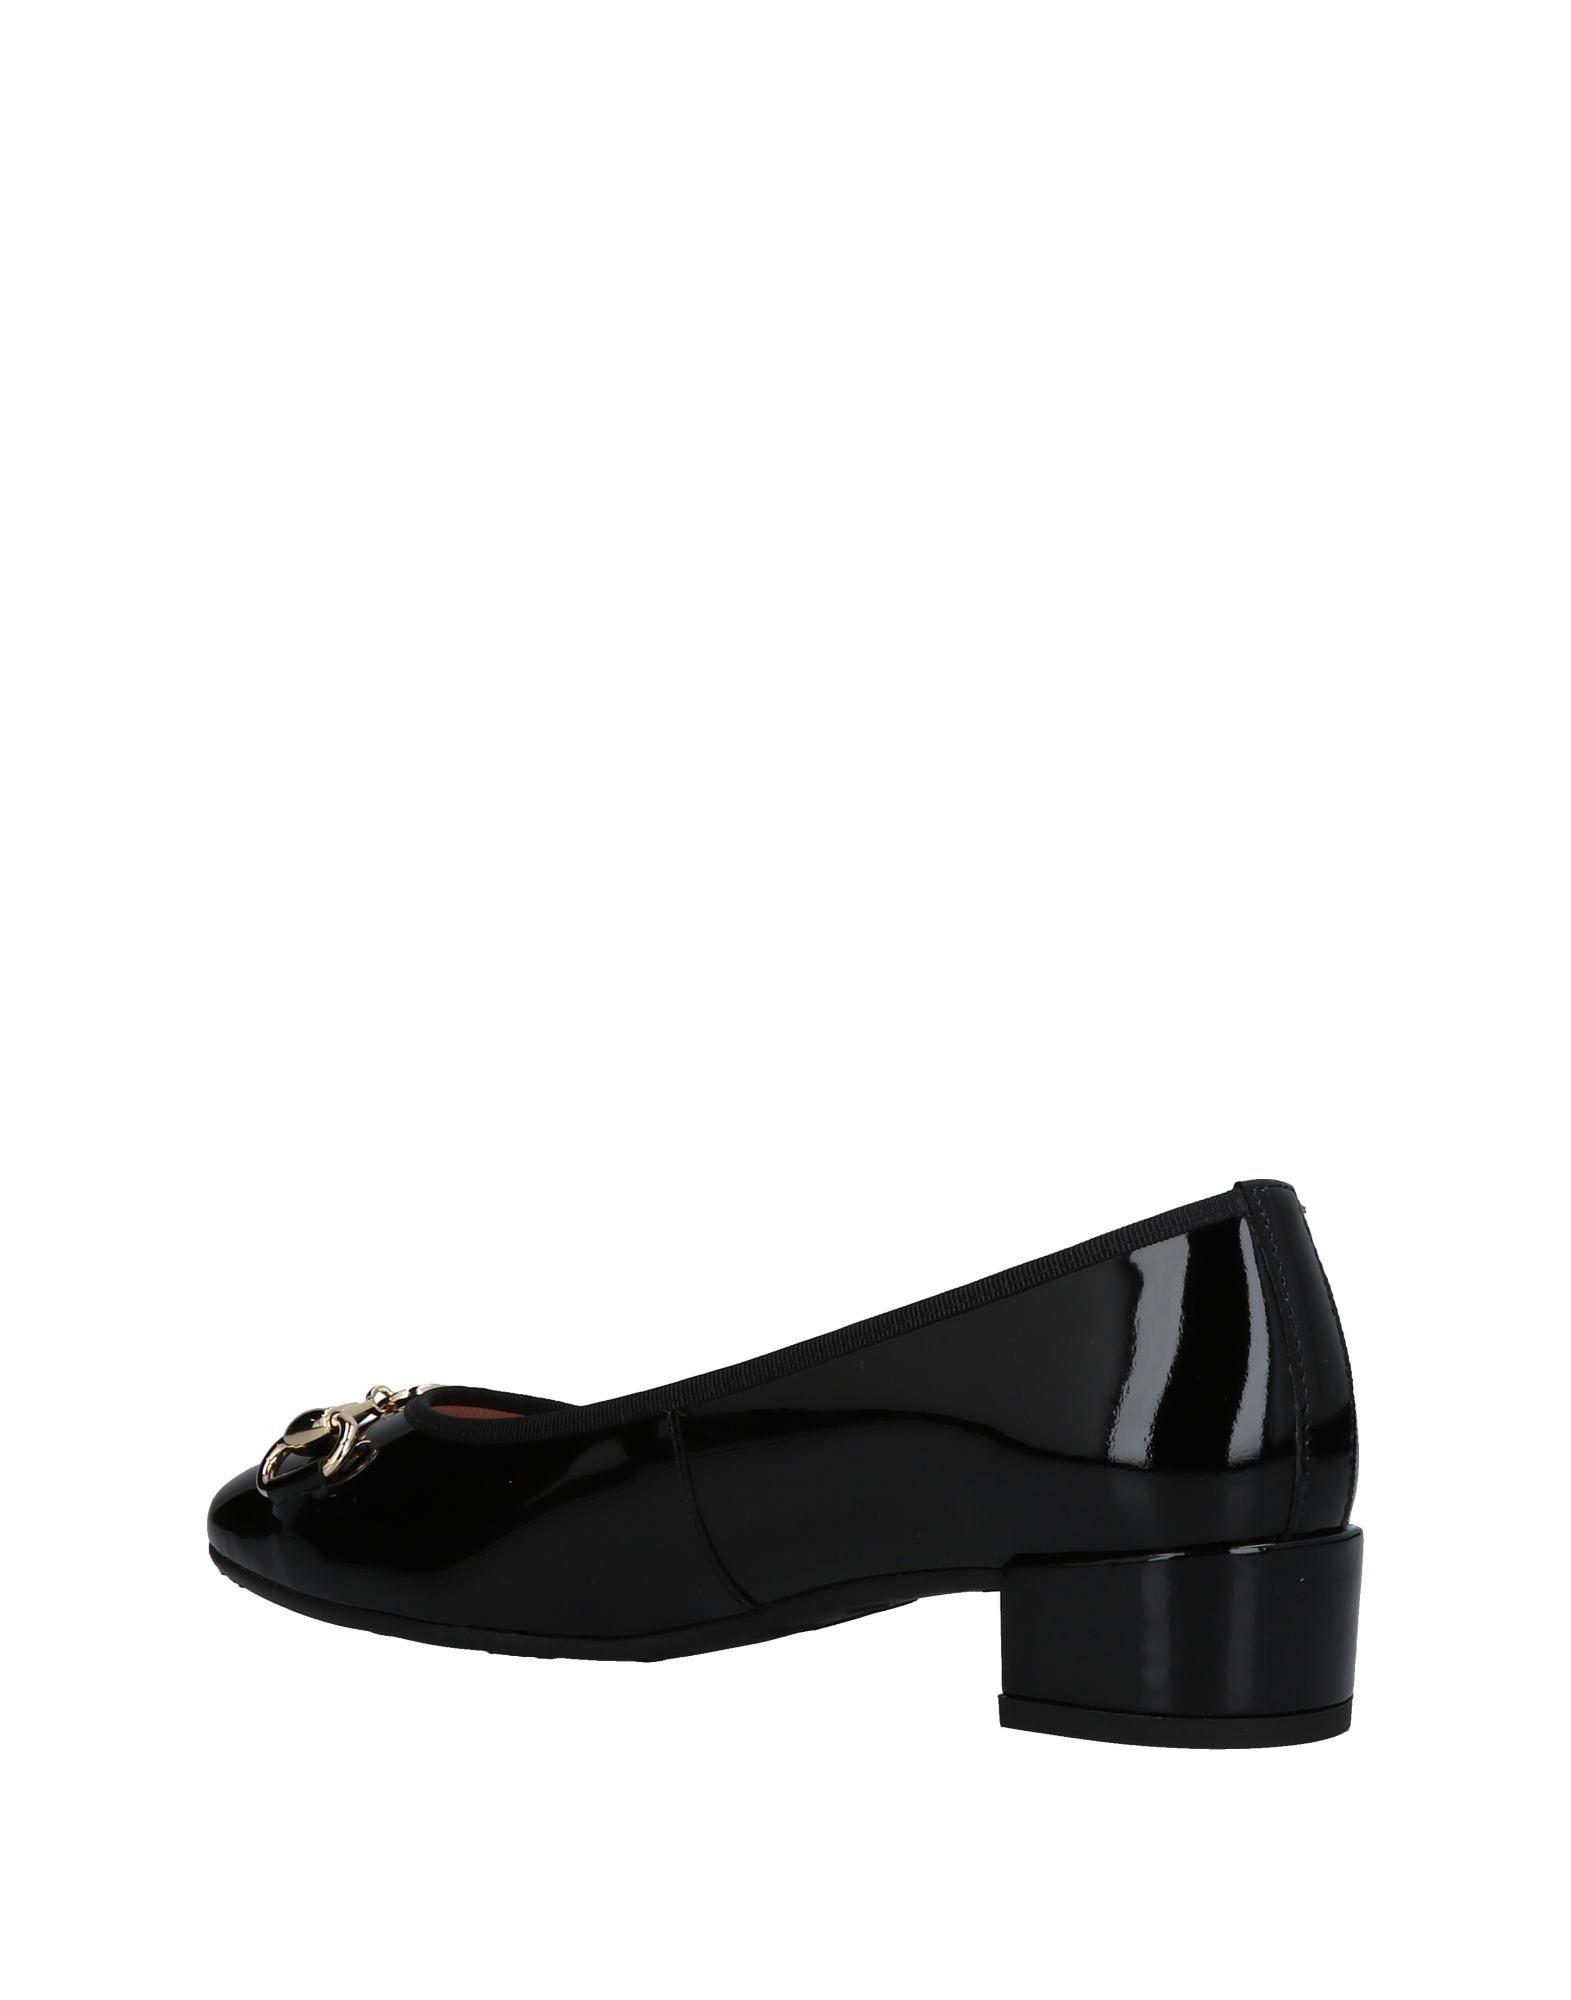 Stilvolle Stilvolle Stilvolle billige Schuhe Pretty Ballerinas Pumps Damen  11441194OW 530405